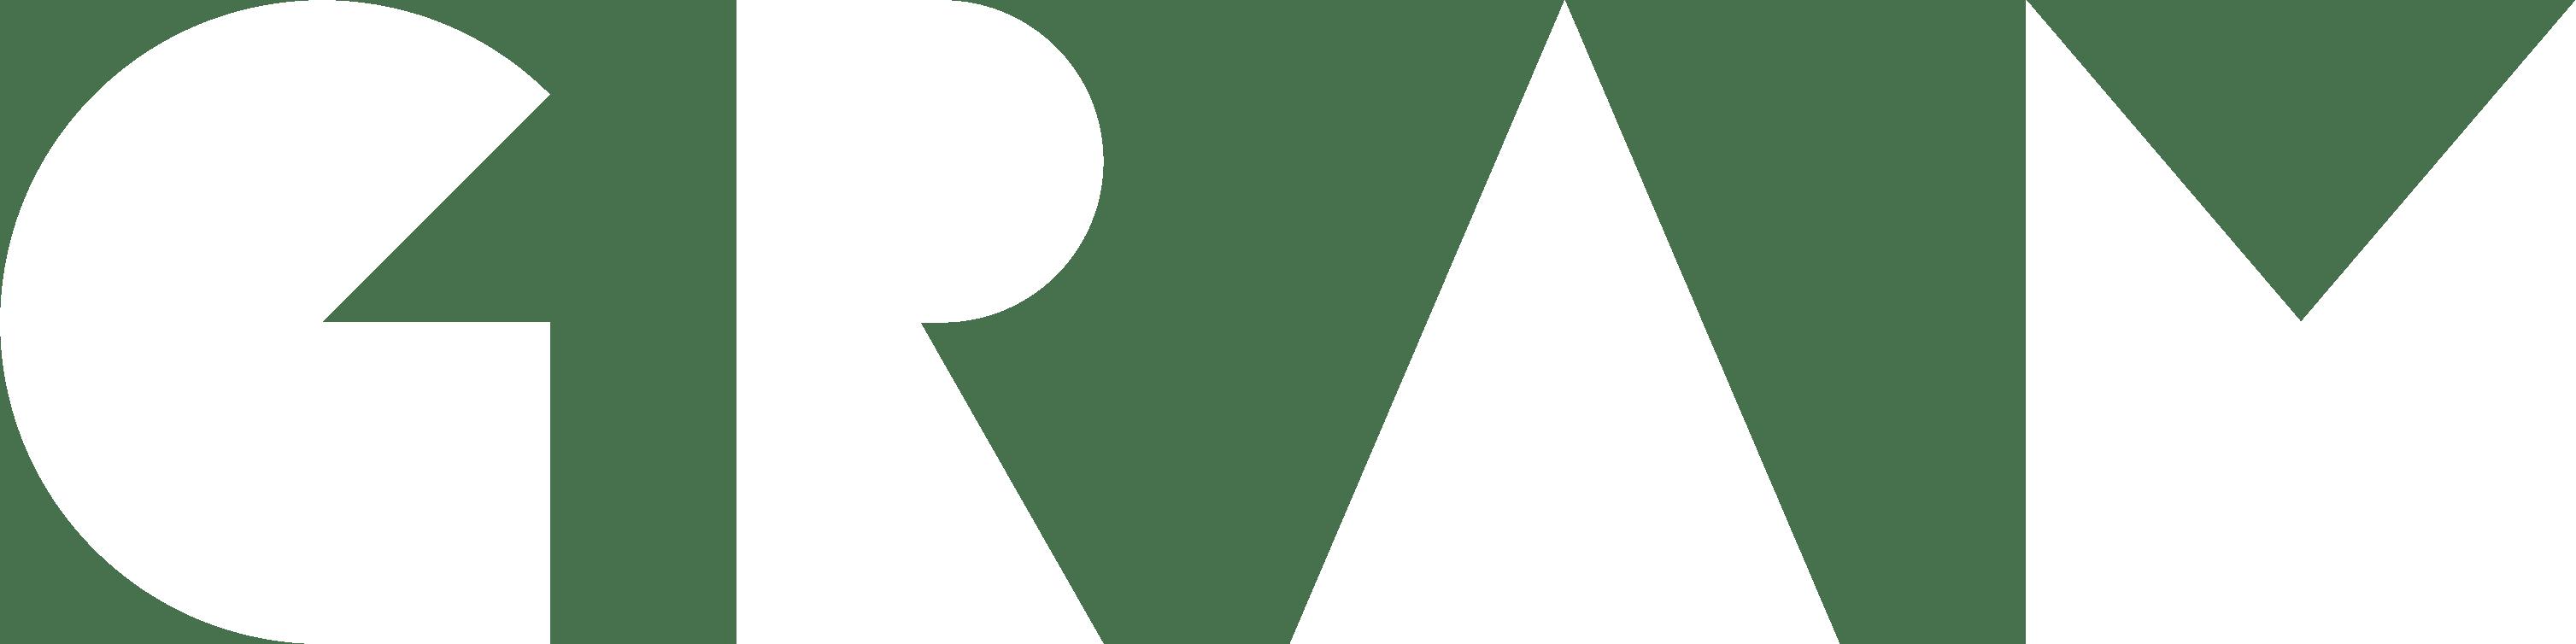 Gram Logo White